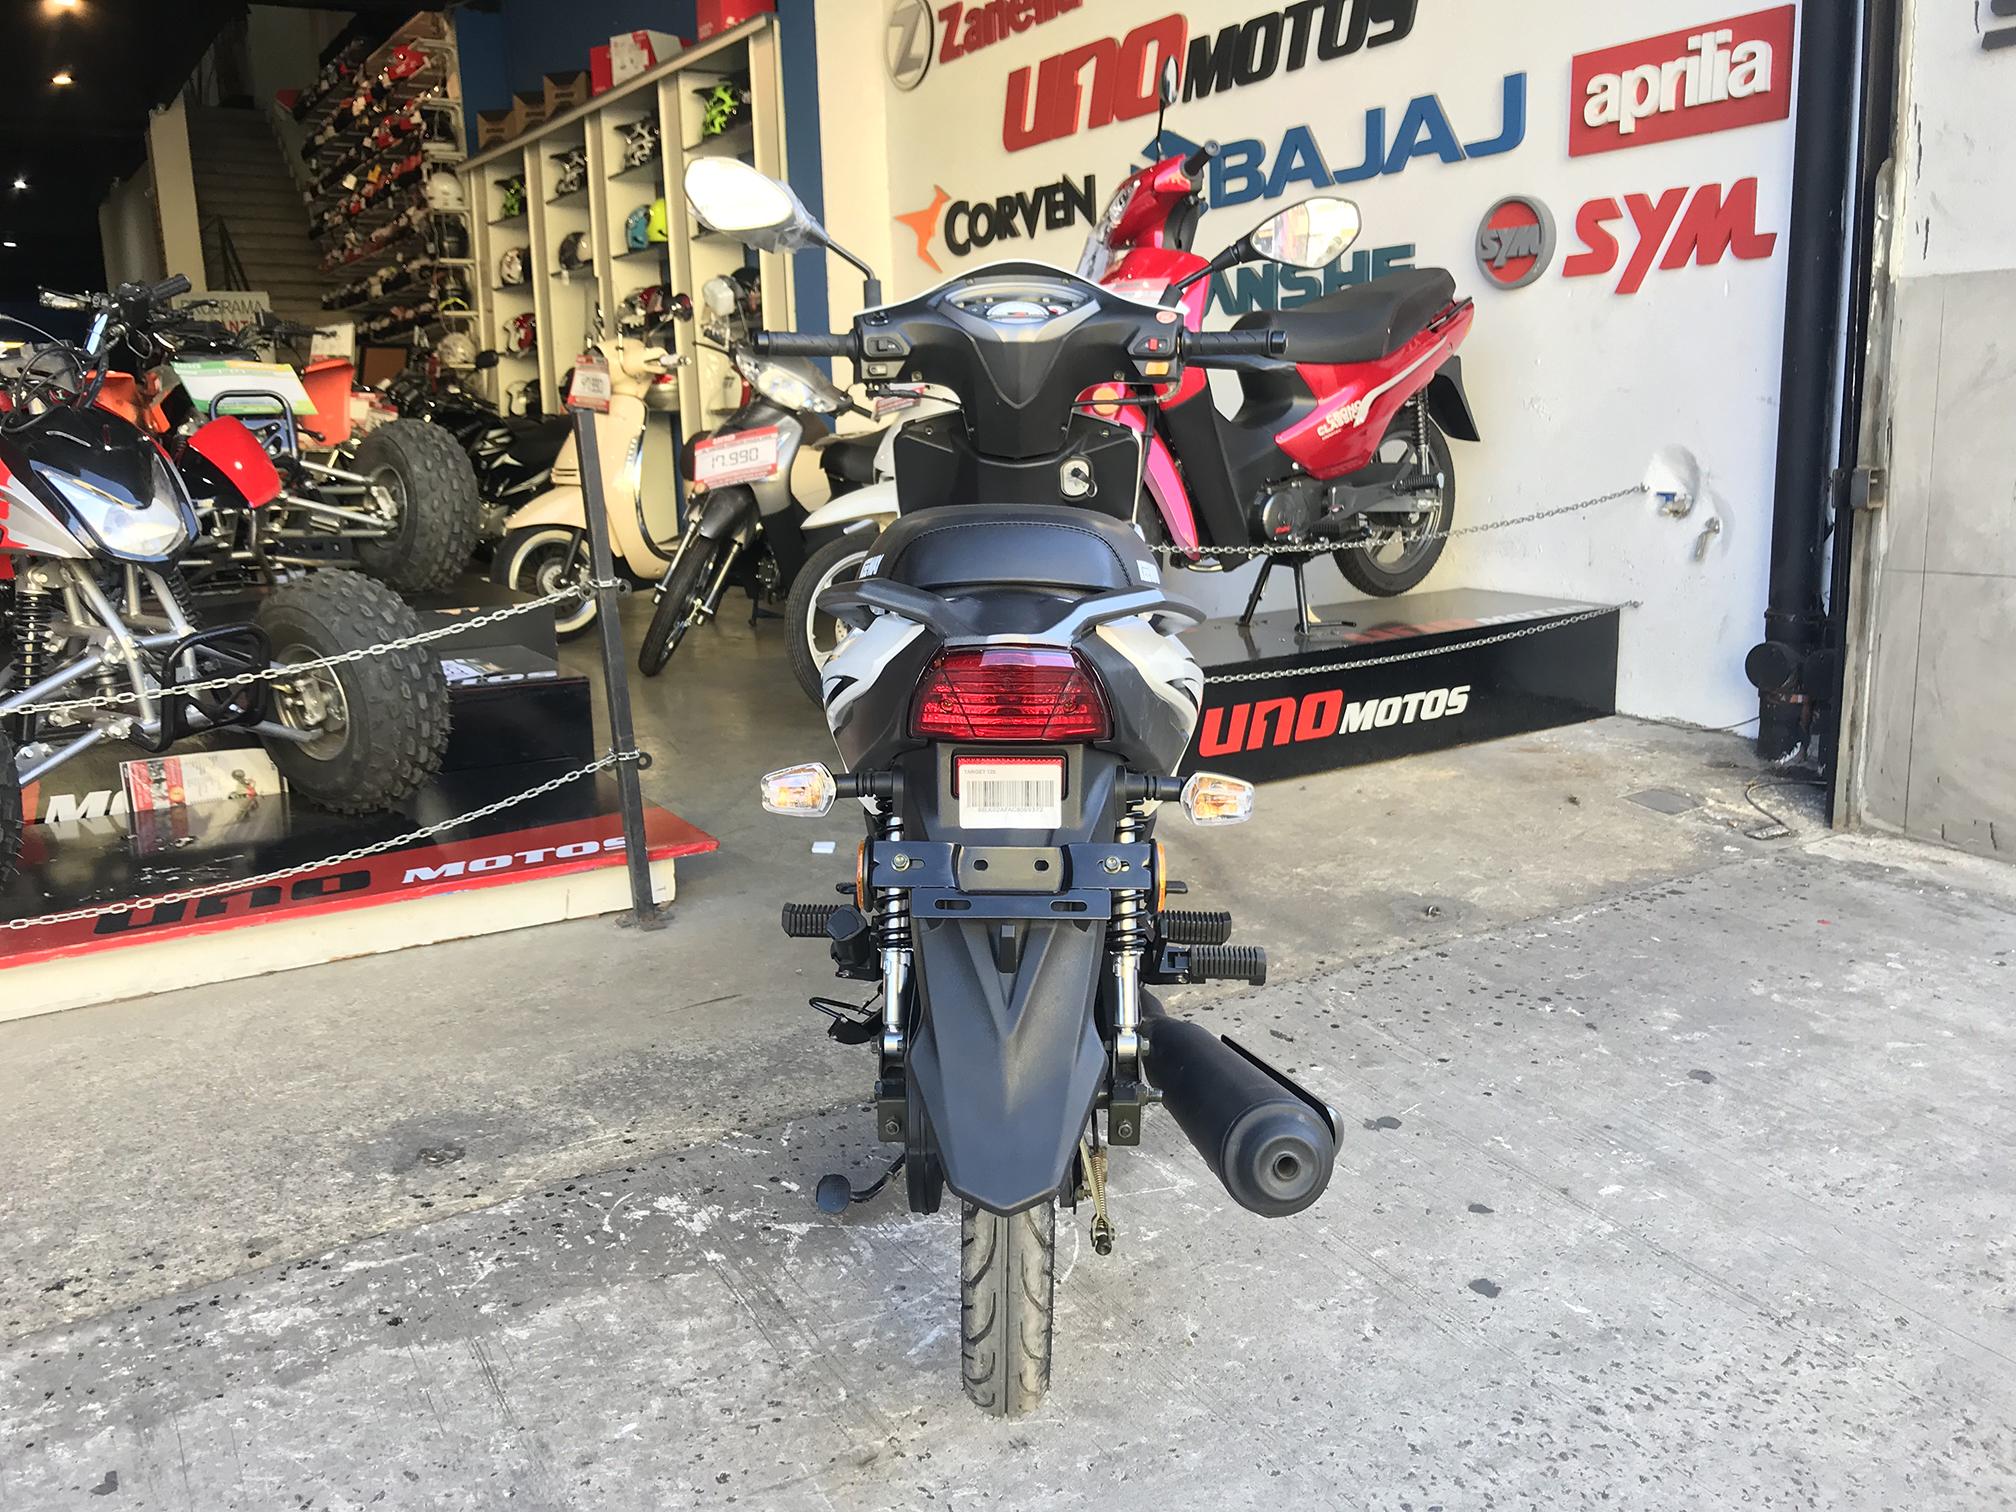 Moto Keeway Target 125 promo fab 2018